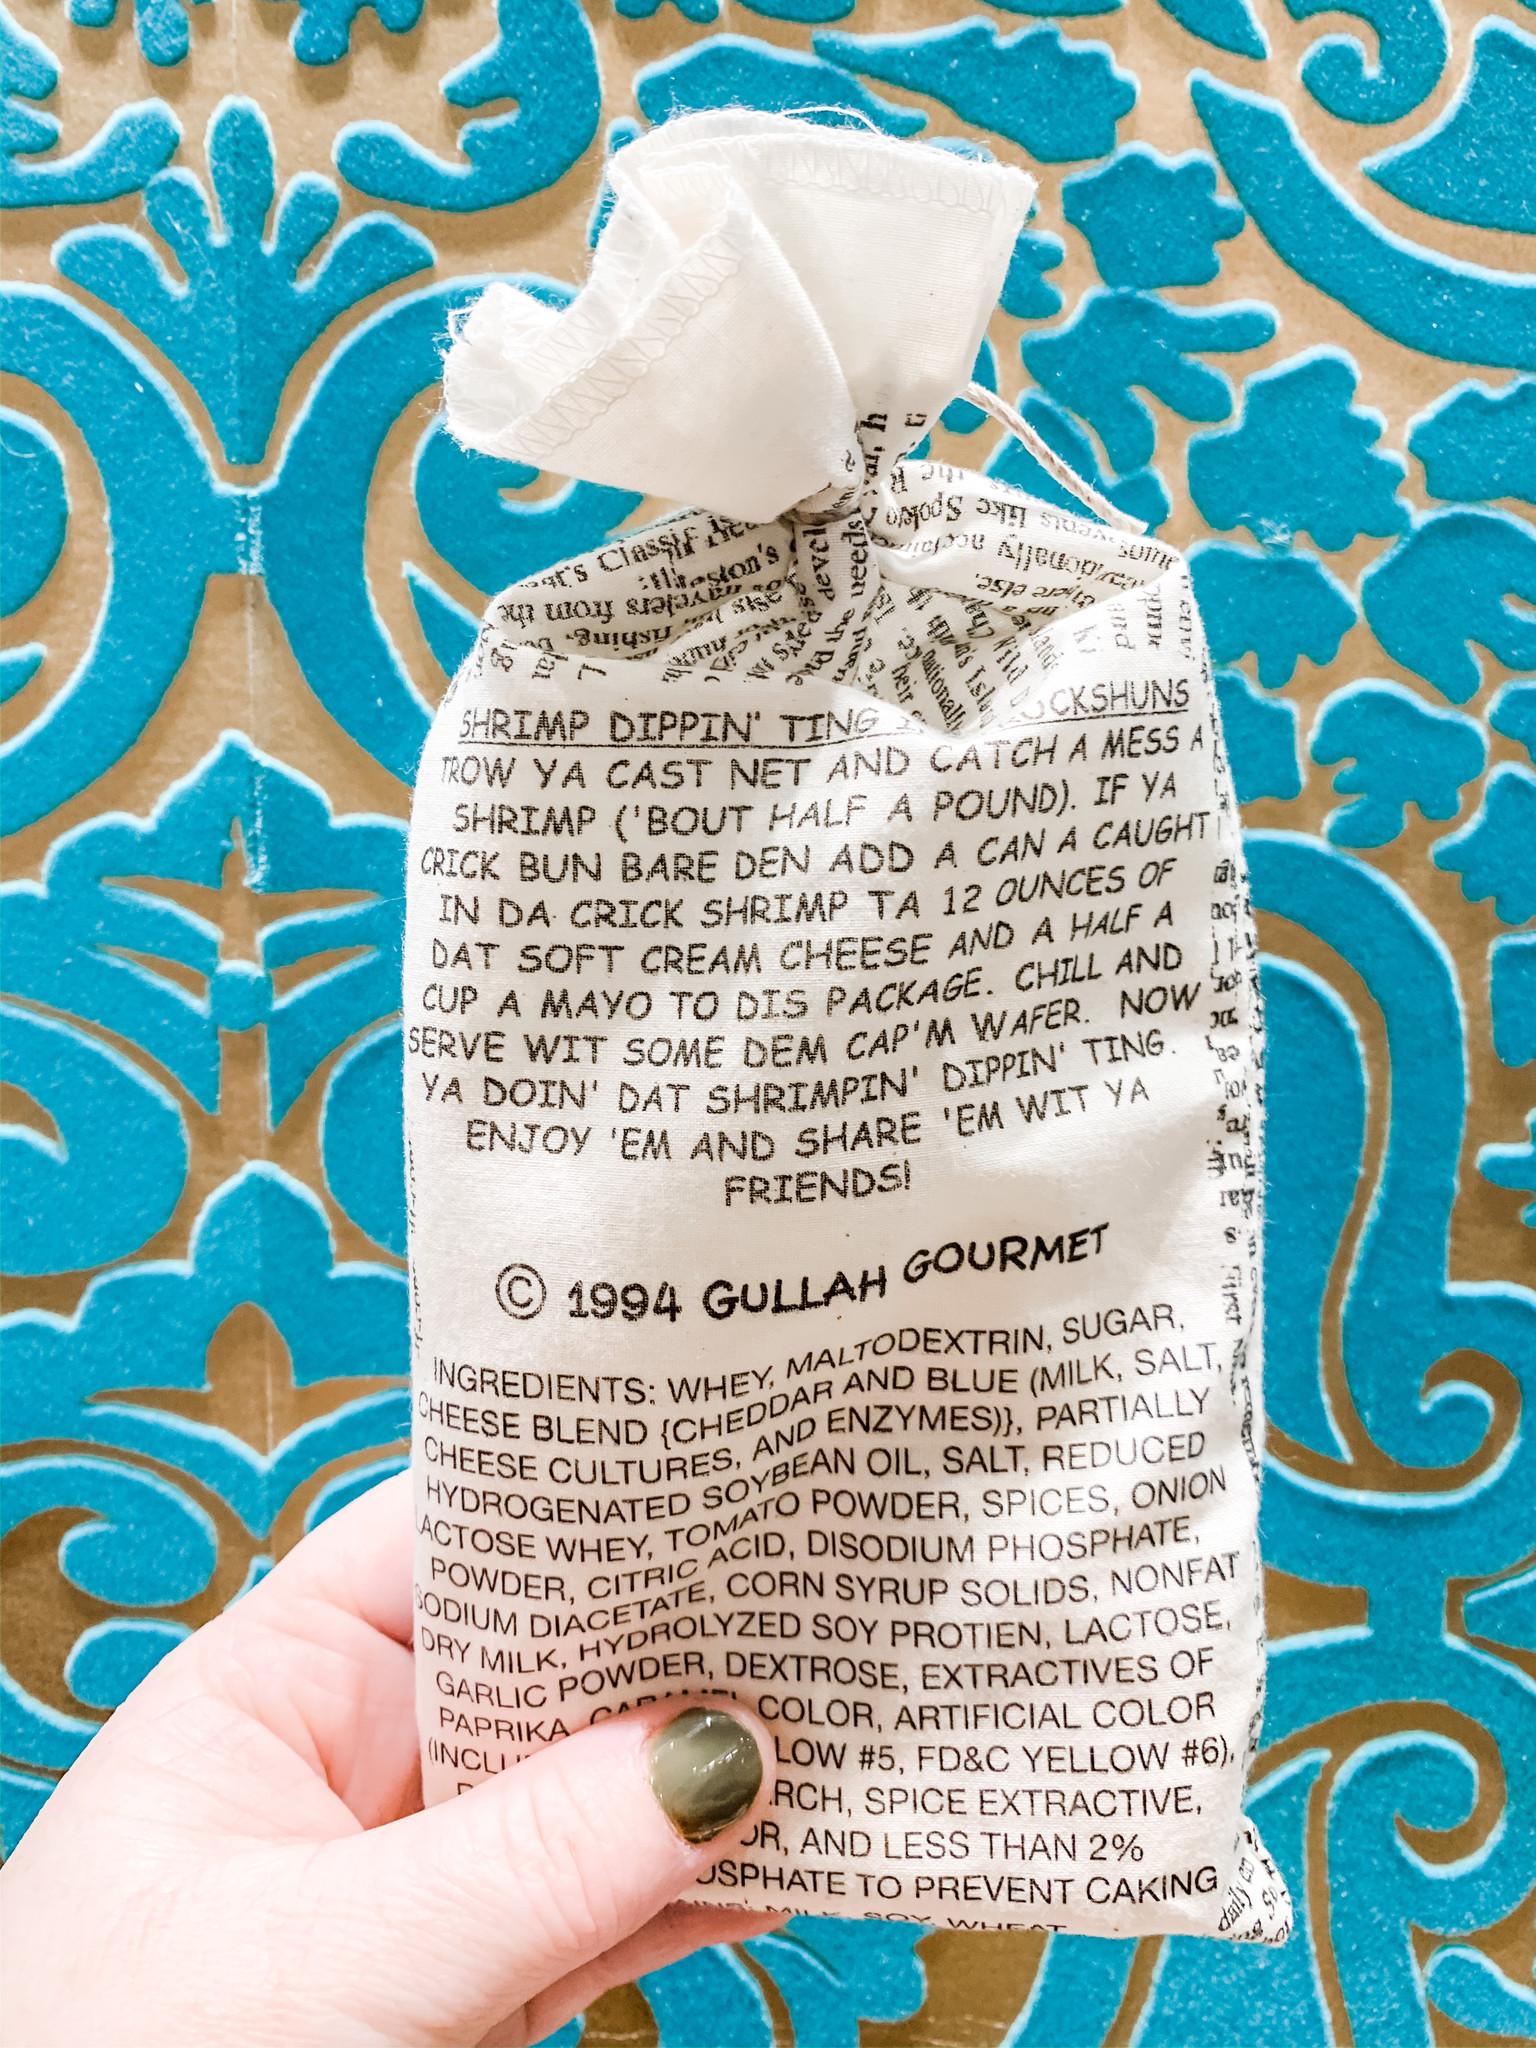 Gullah Gourmet Shrimp Dippin' 'Ting